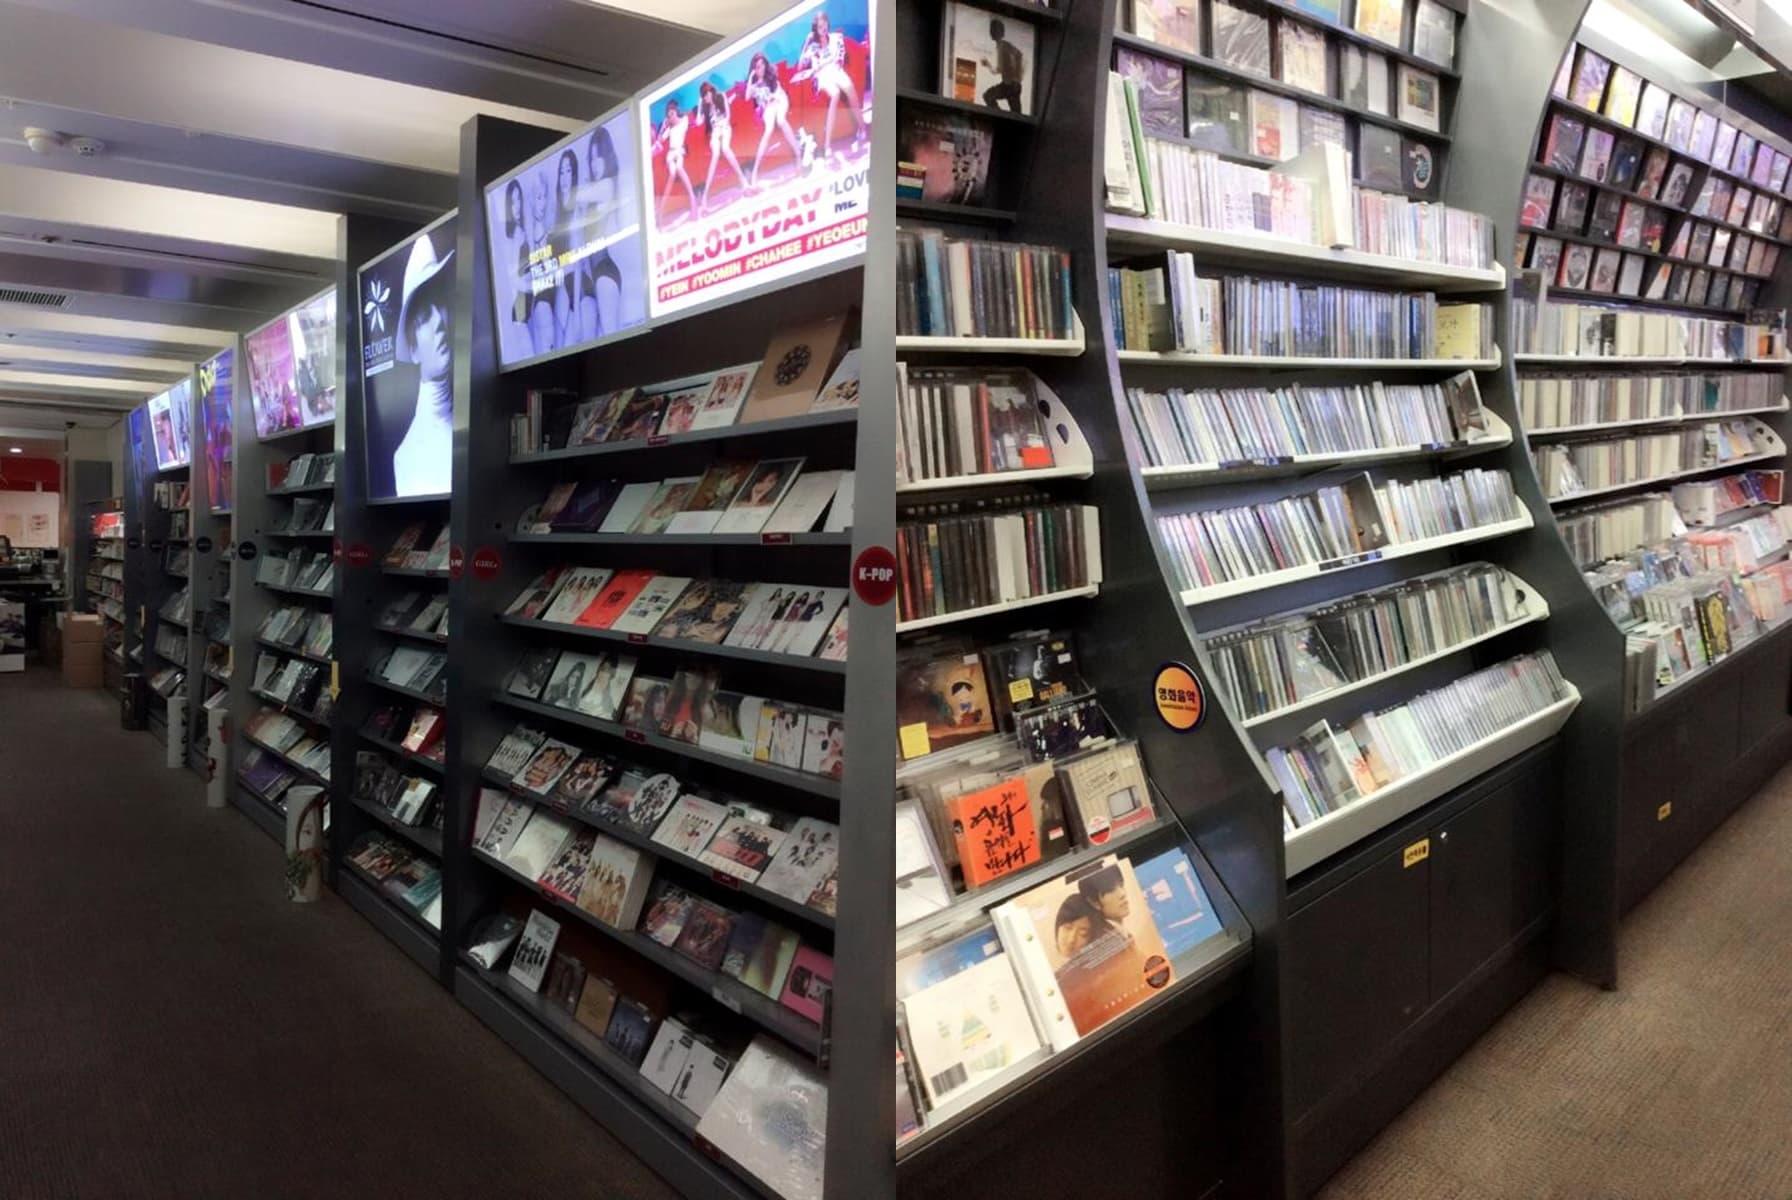 ghé cửa hàng musickorea khi đi du lịch seoul